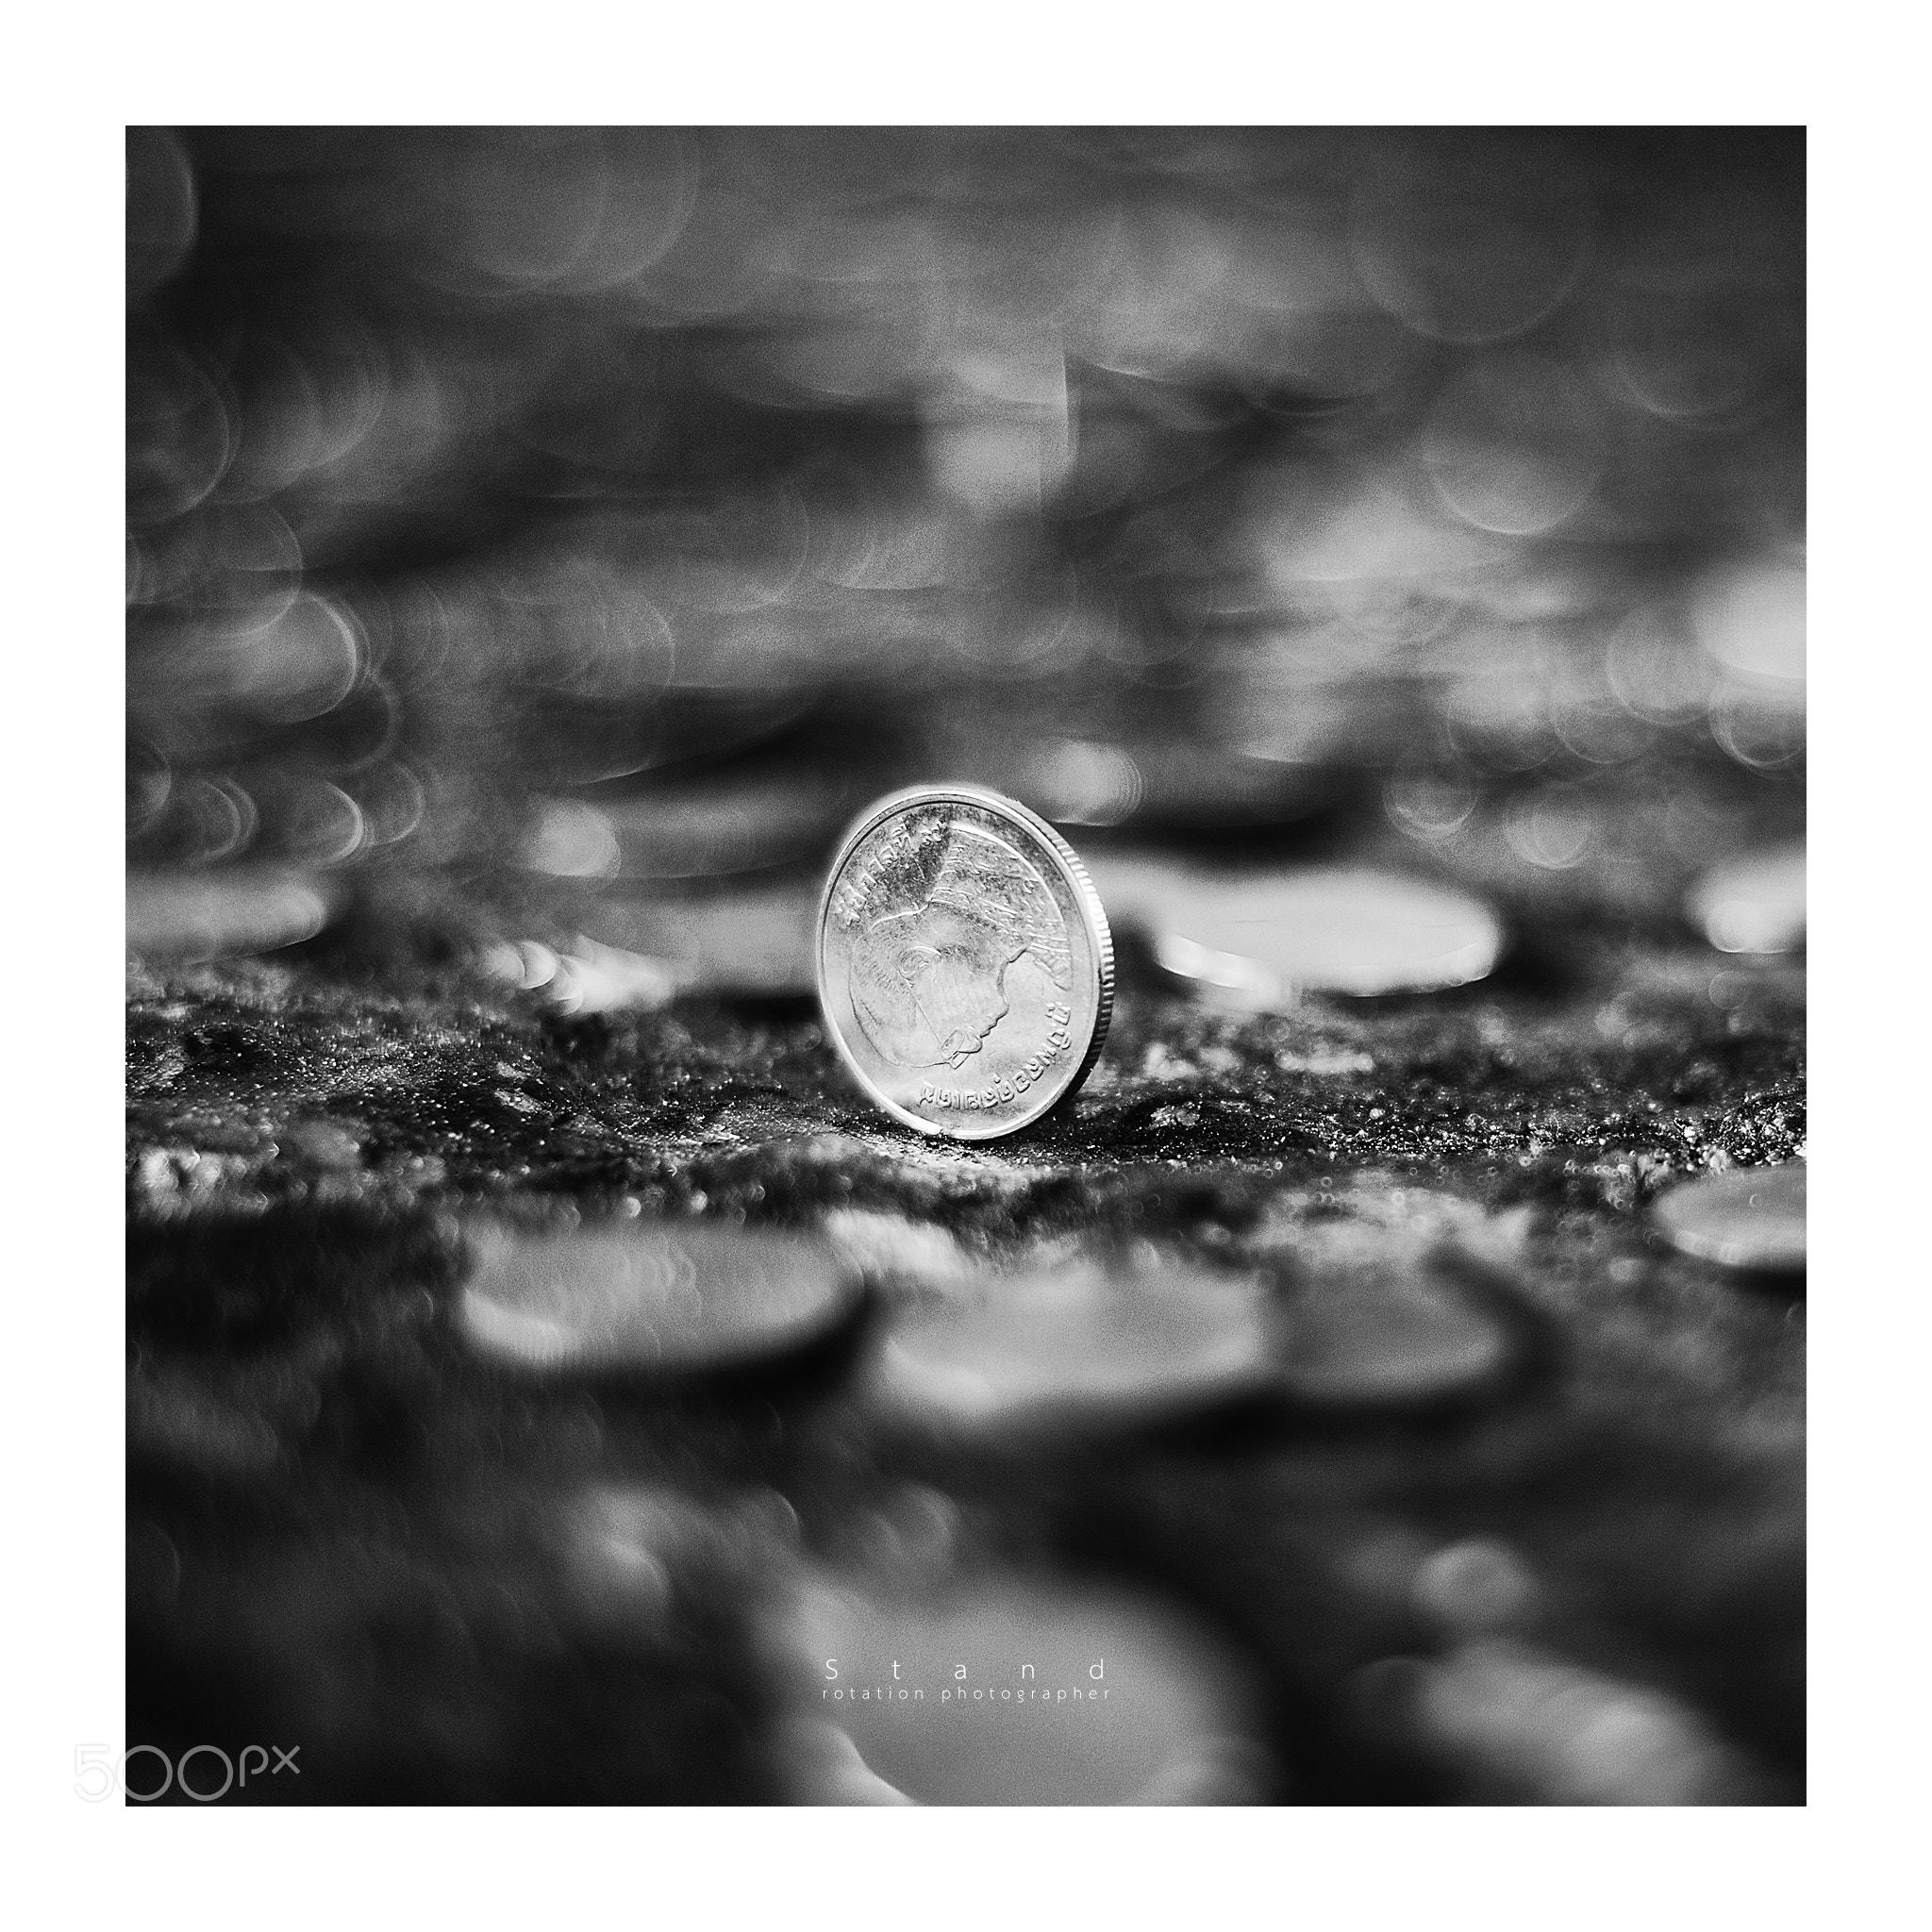 Photograph Stand by Jirawas Teekayu on 500px